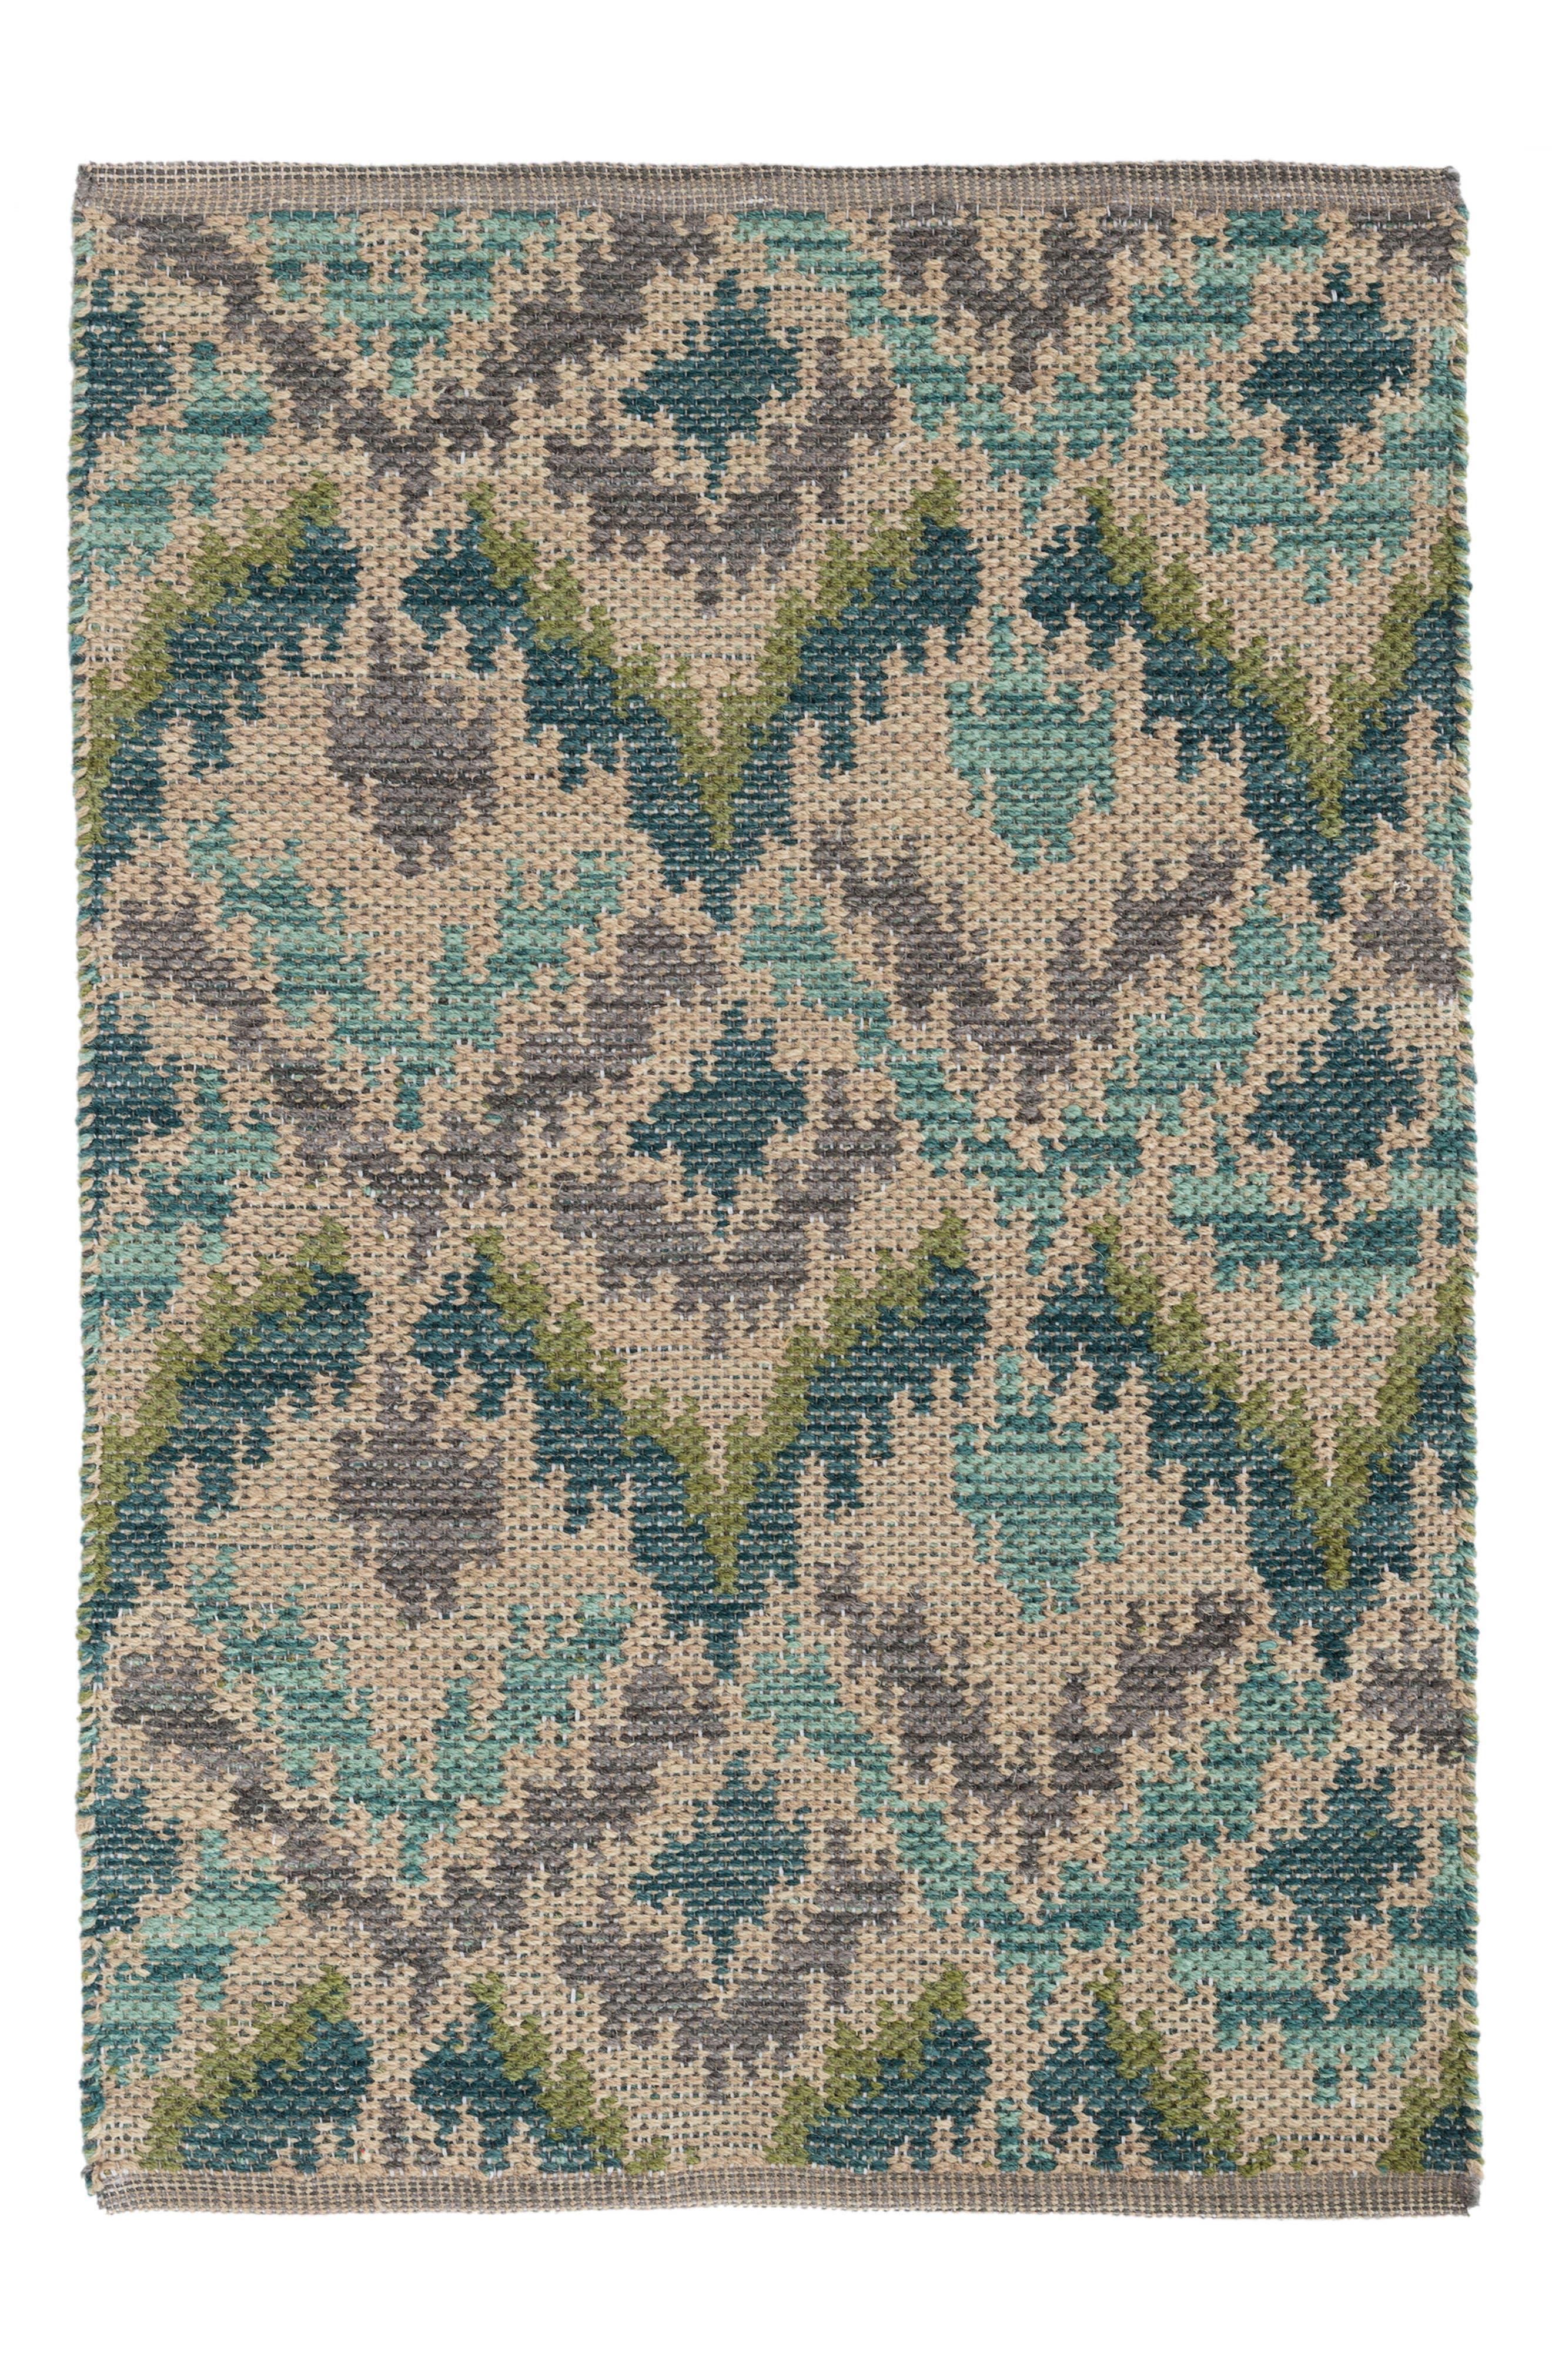 Medina Handwoven Jacquard Rug,                             Main thumbnail 1, color,                             GREEN